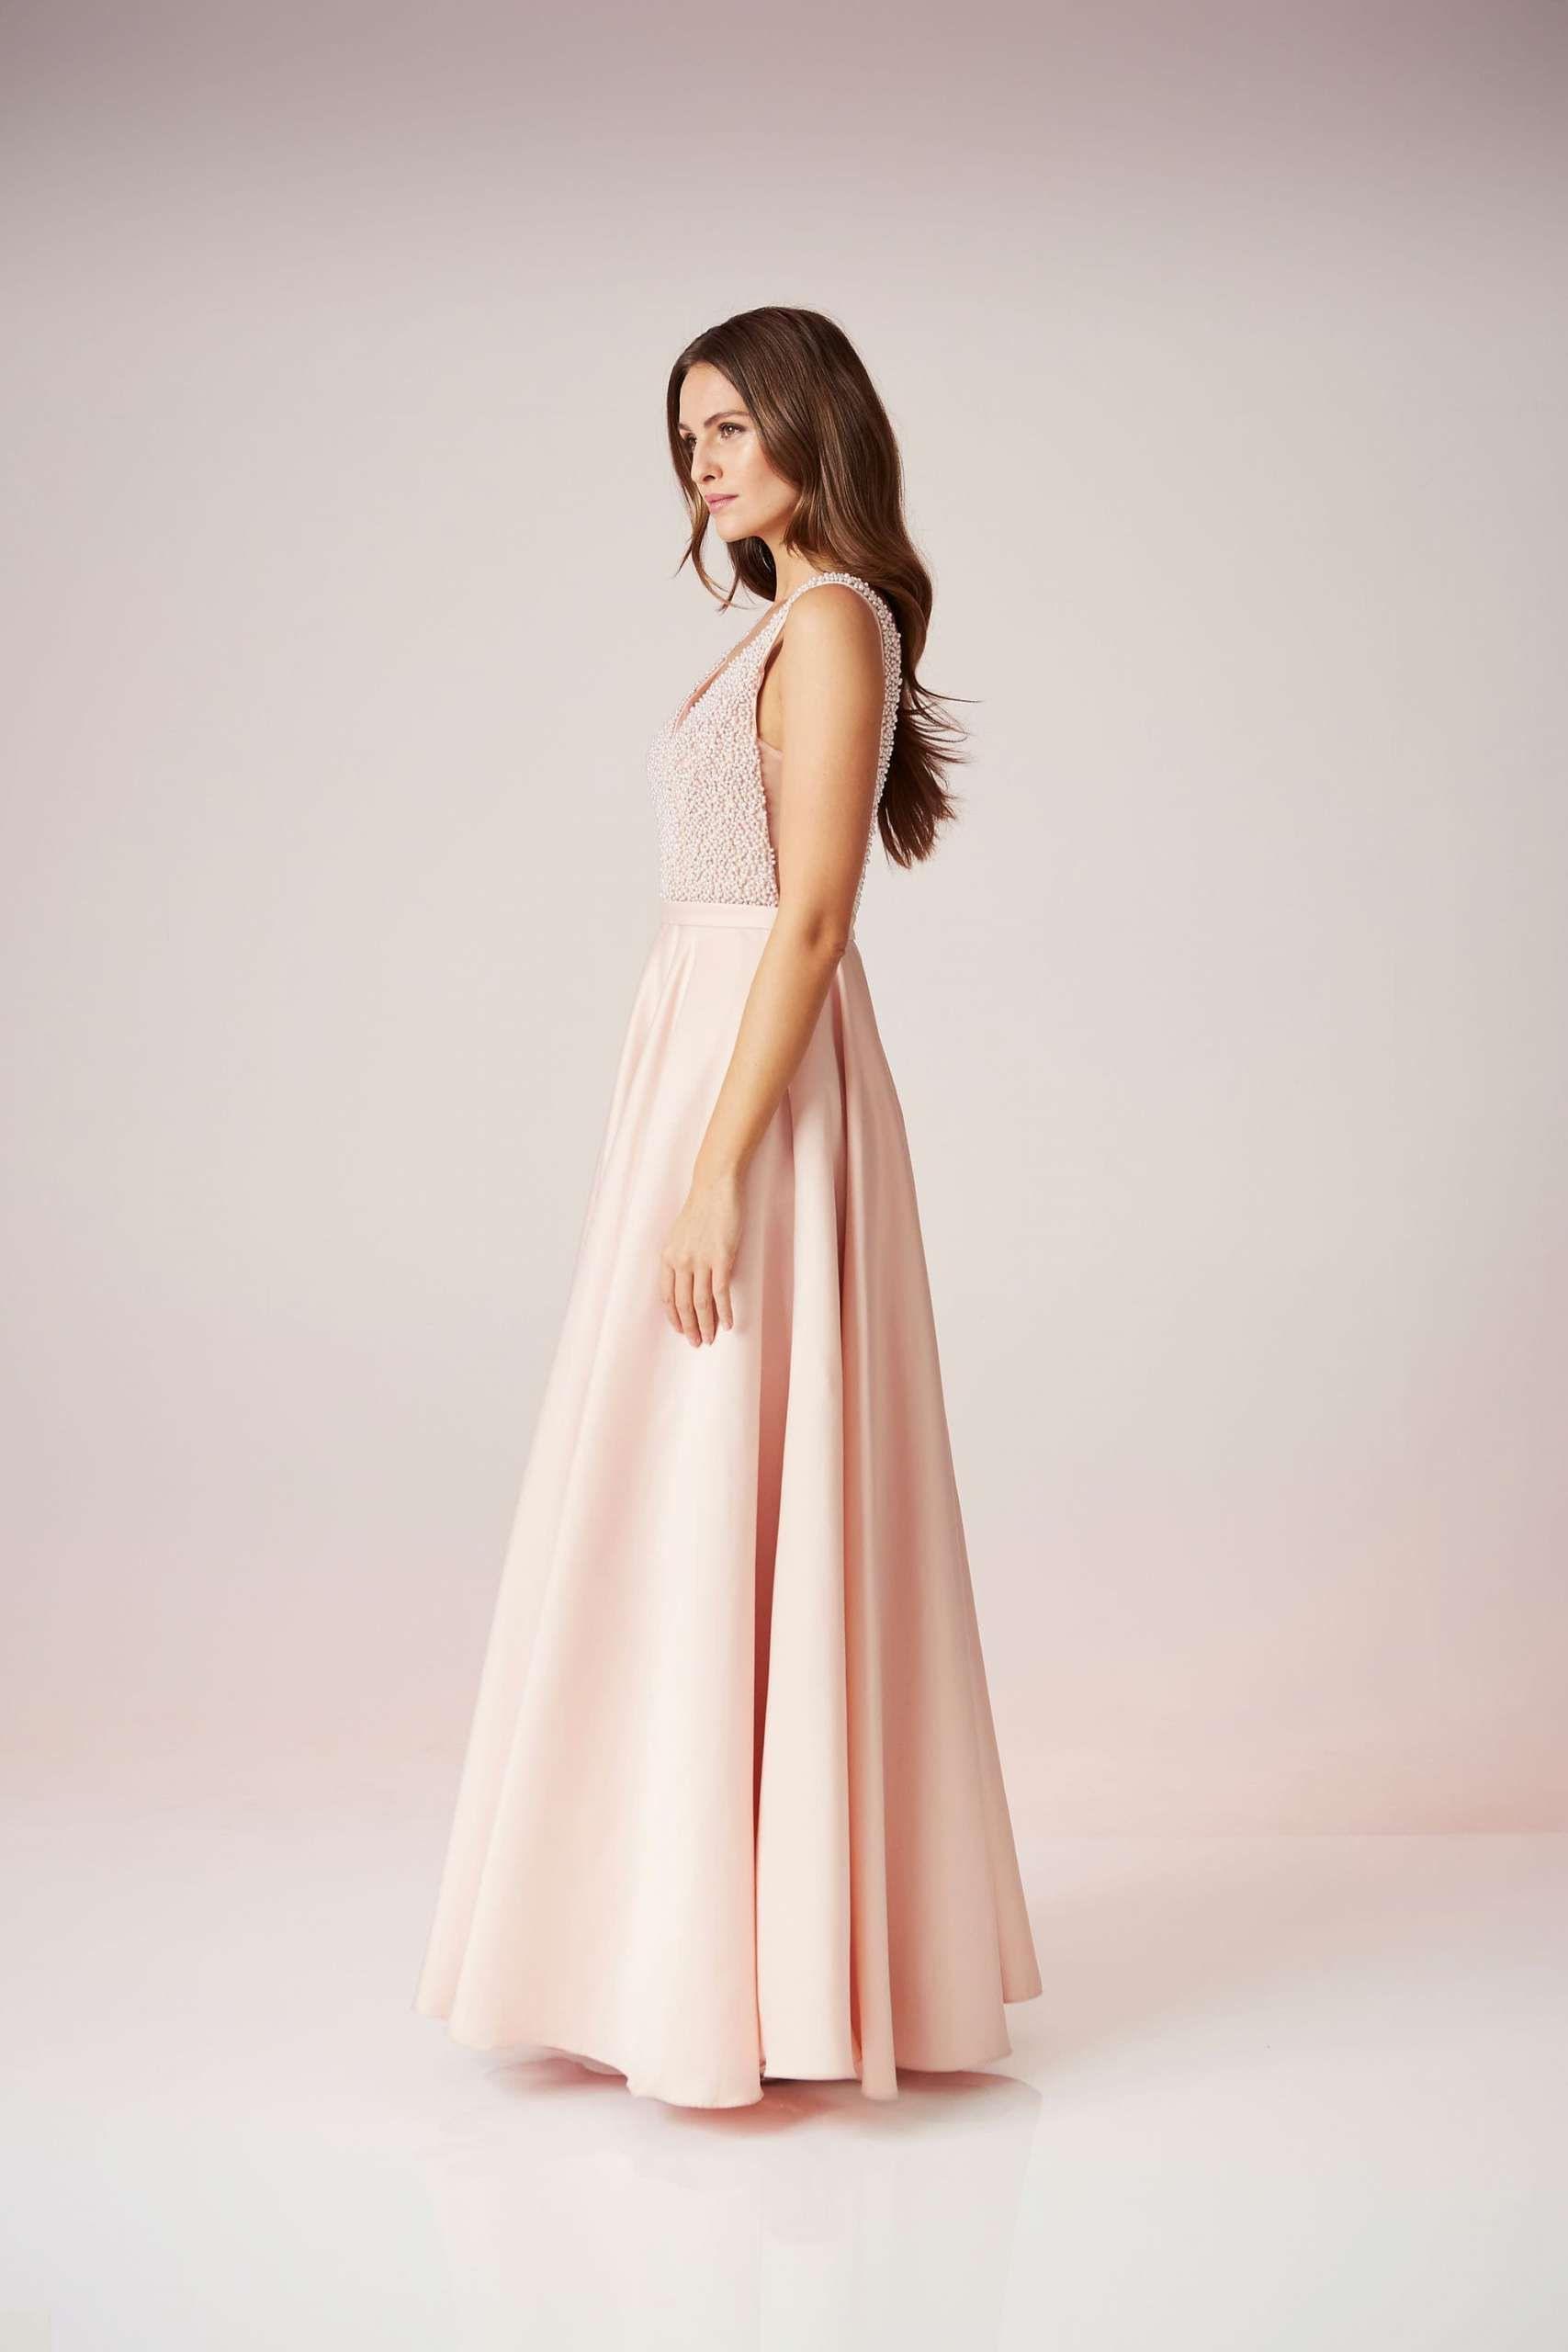 10 Genial Rose Abend Kleid Galerie Coolste Rose Abend Kleid Galerie